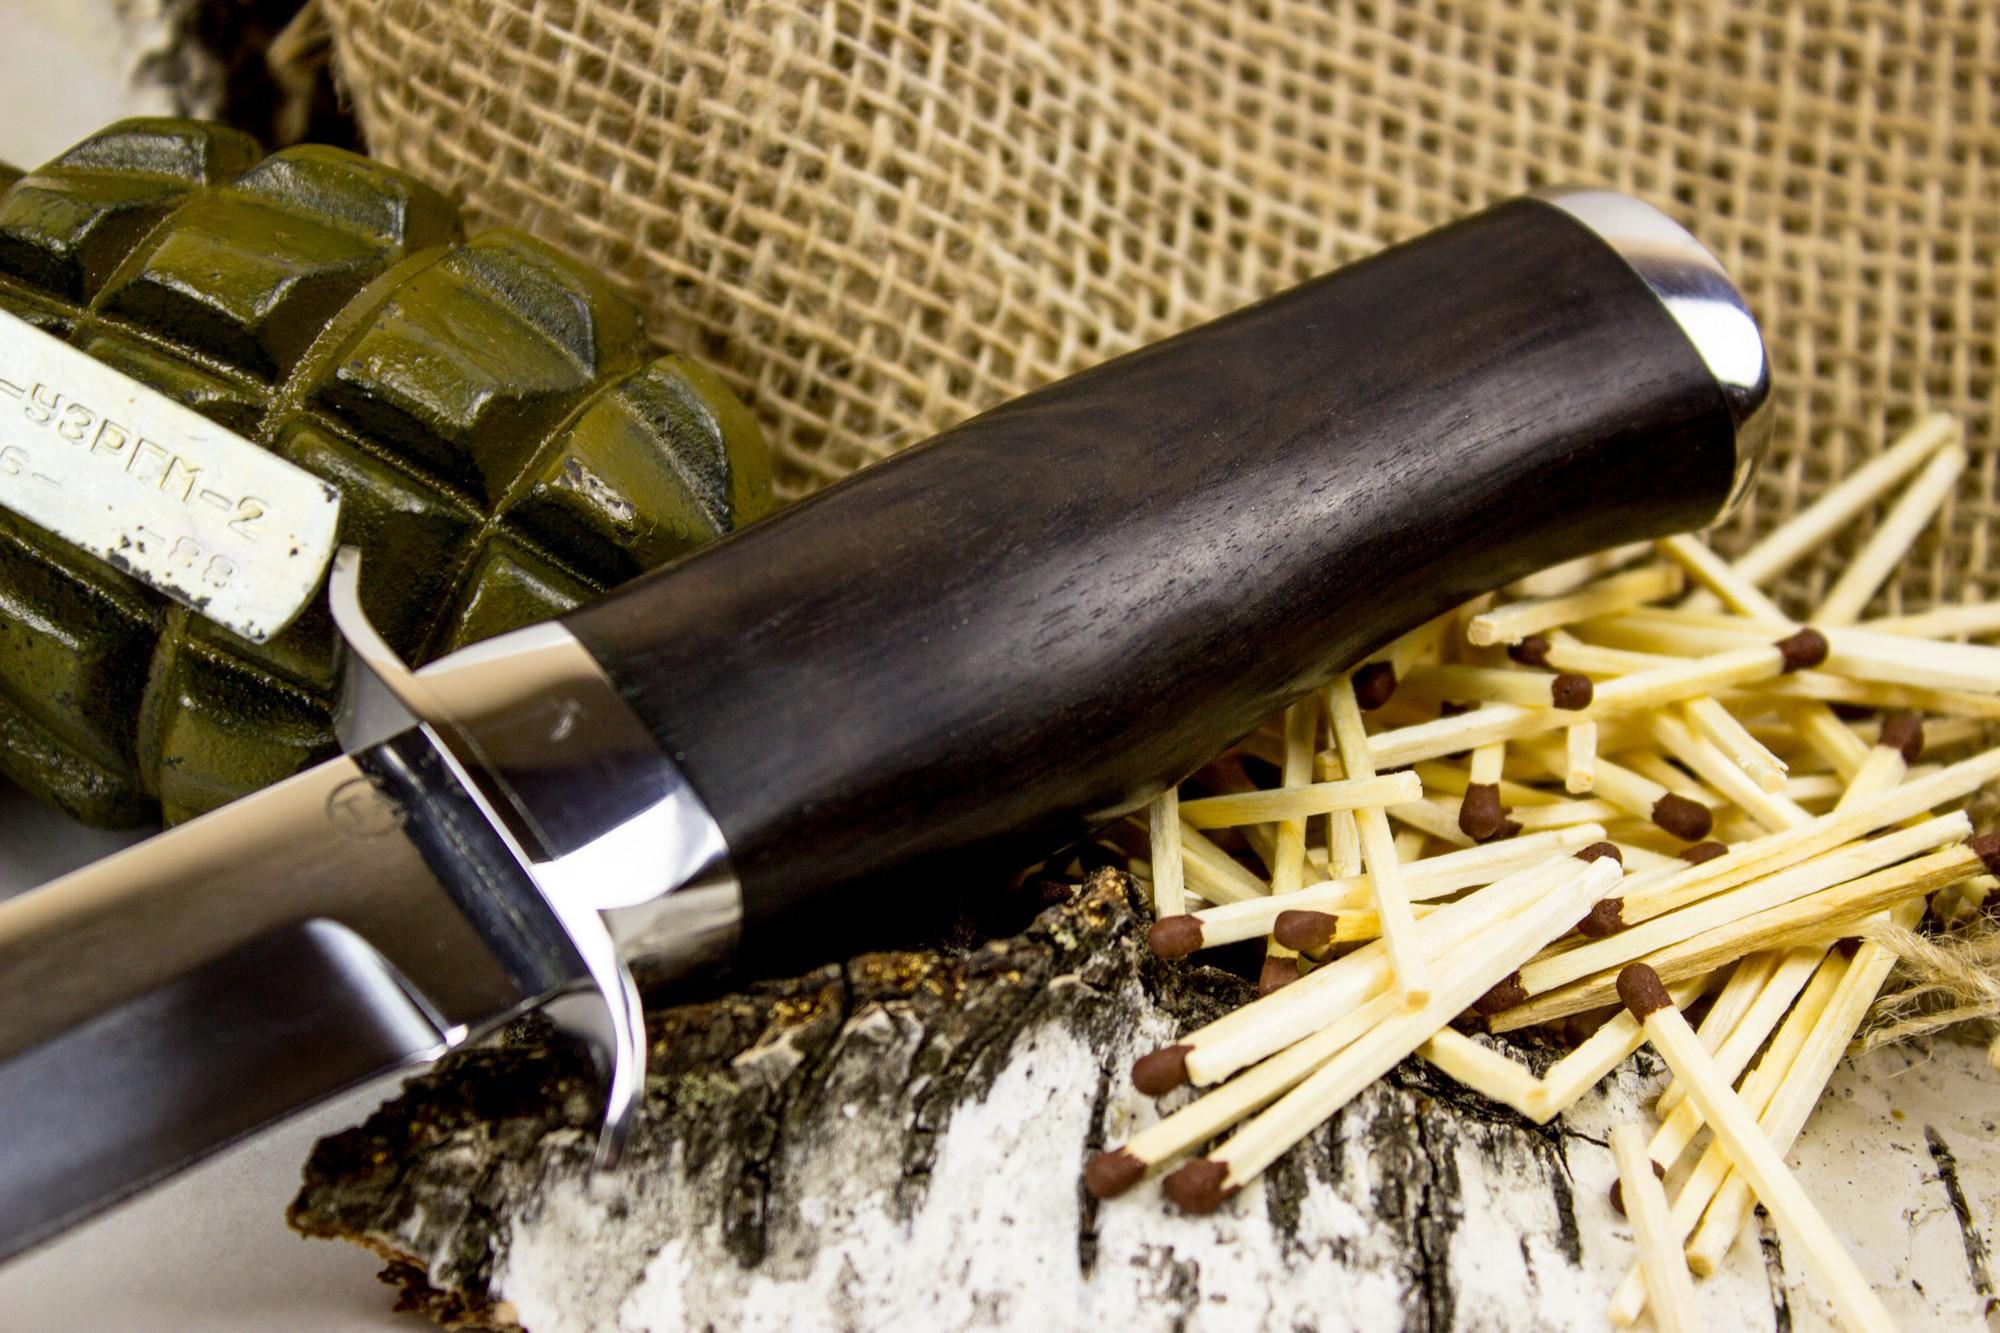 Нож Спецназ Вишня, сталь 95х18, граб